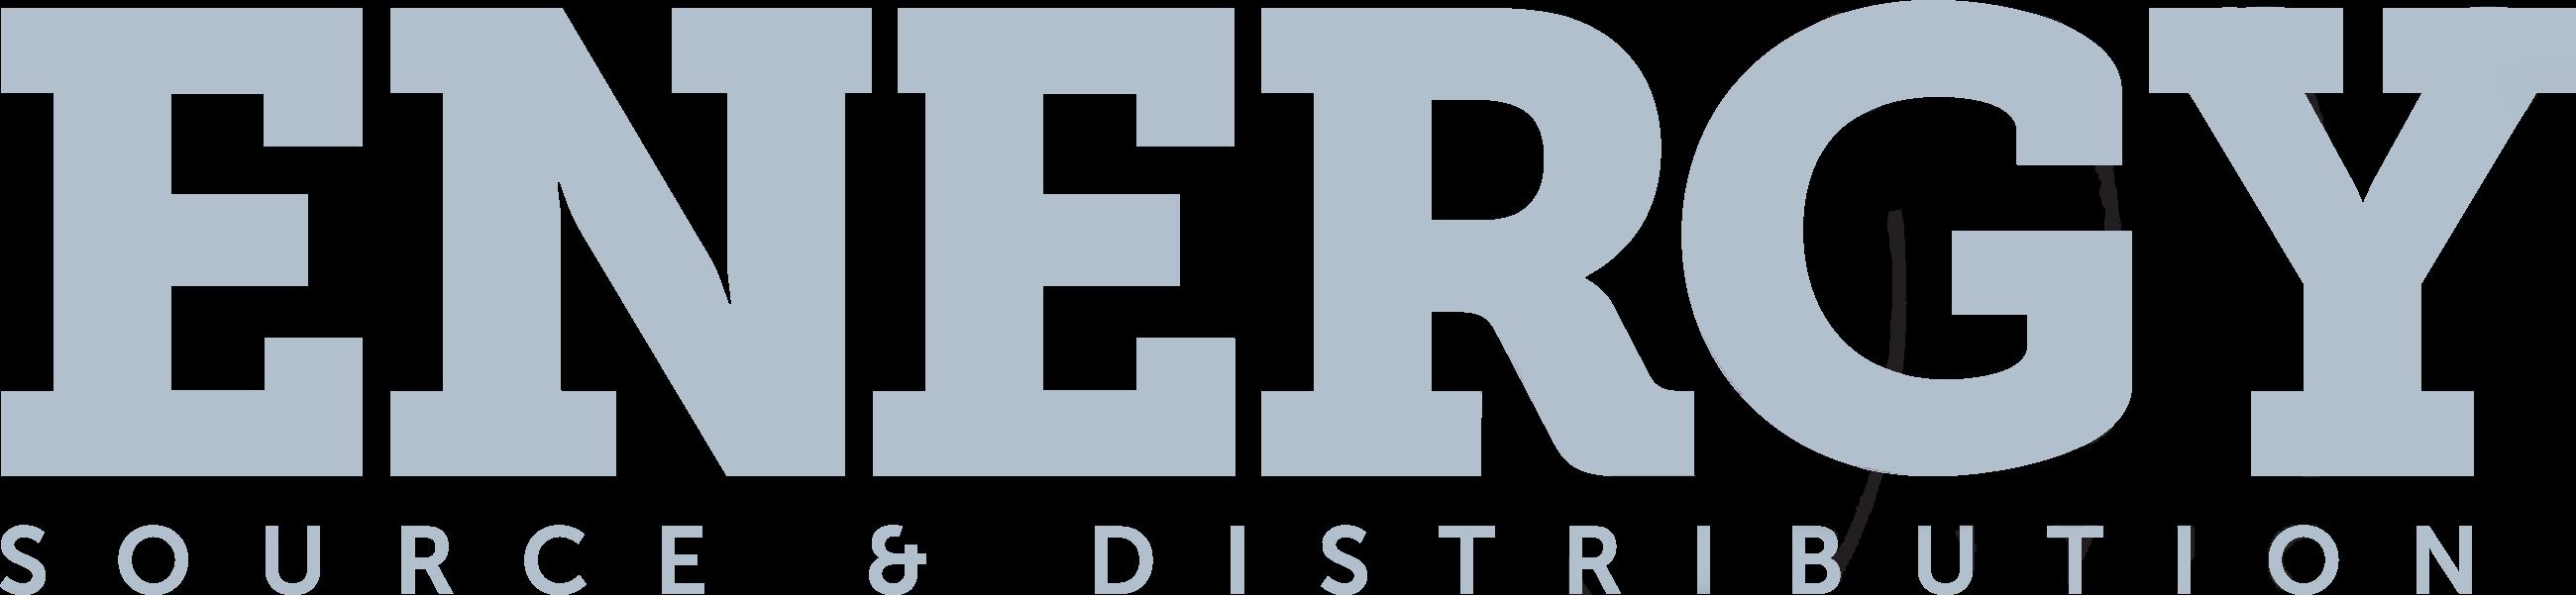 ESD grey logo